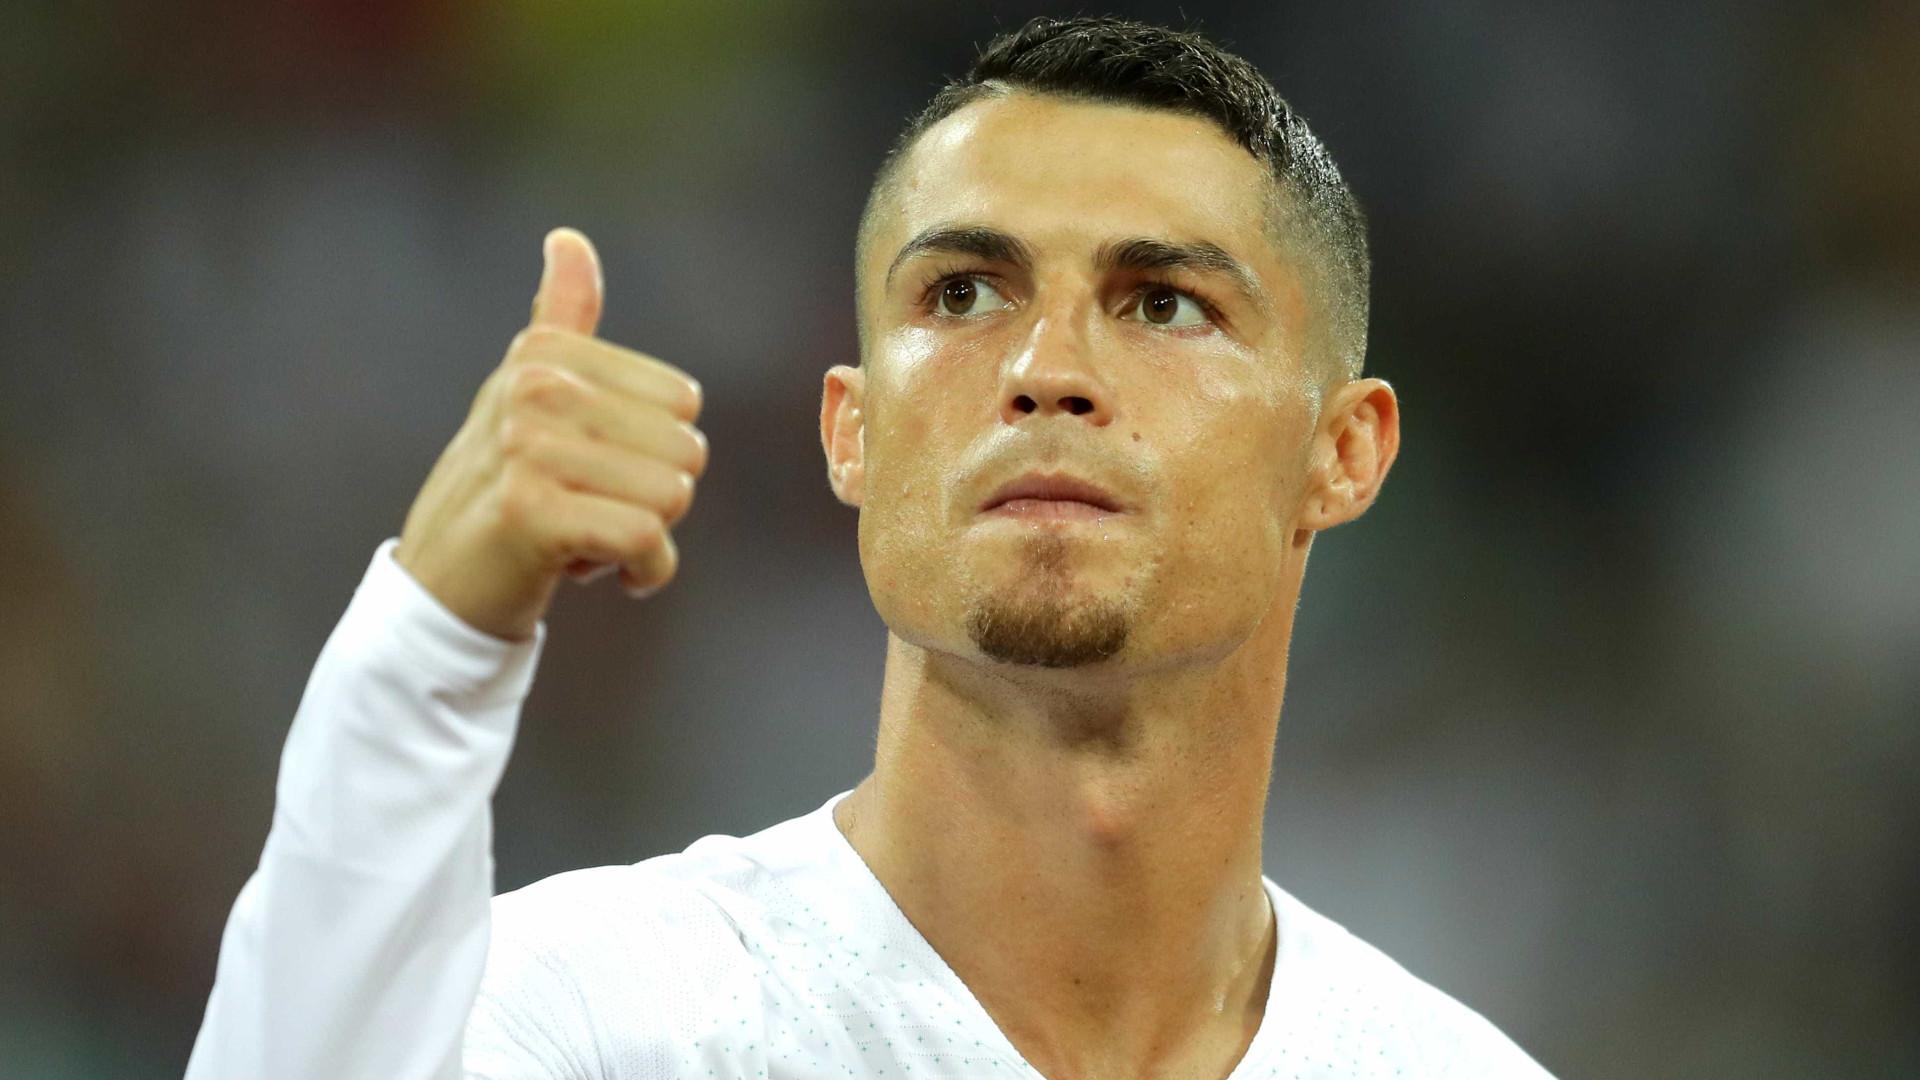 Oficial  Cristiano Ronaldo deixa o Real Madrid e acerta com a Juventus 00895e7a3704f